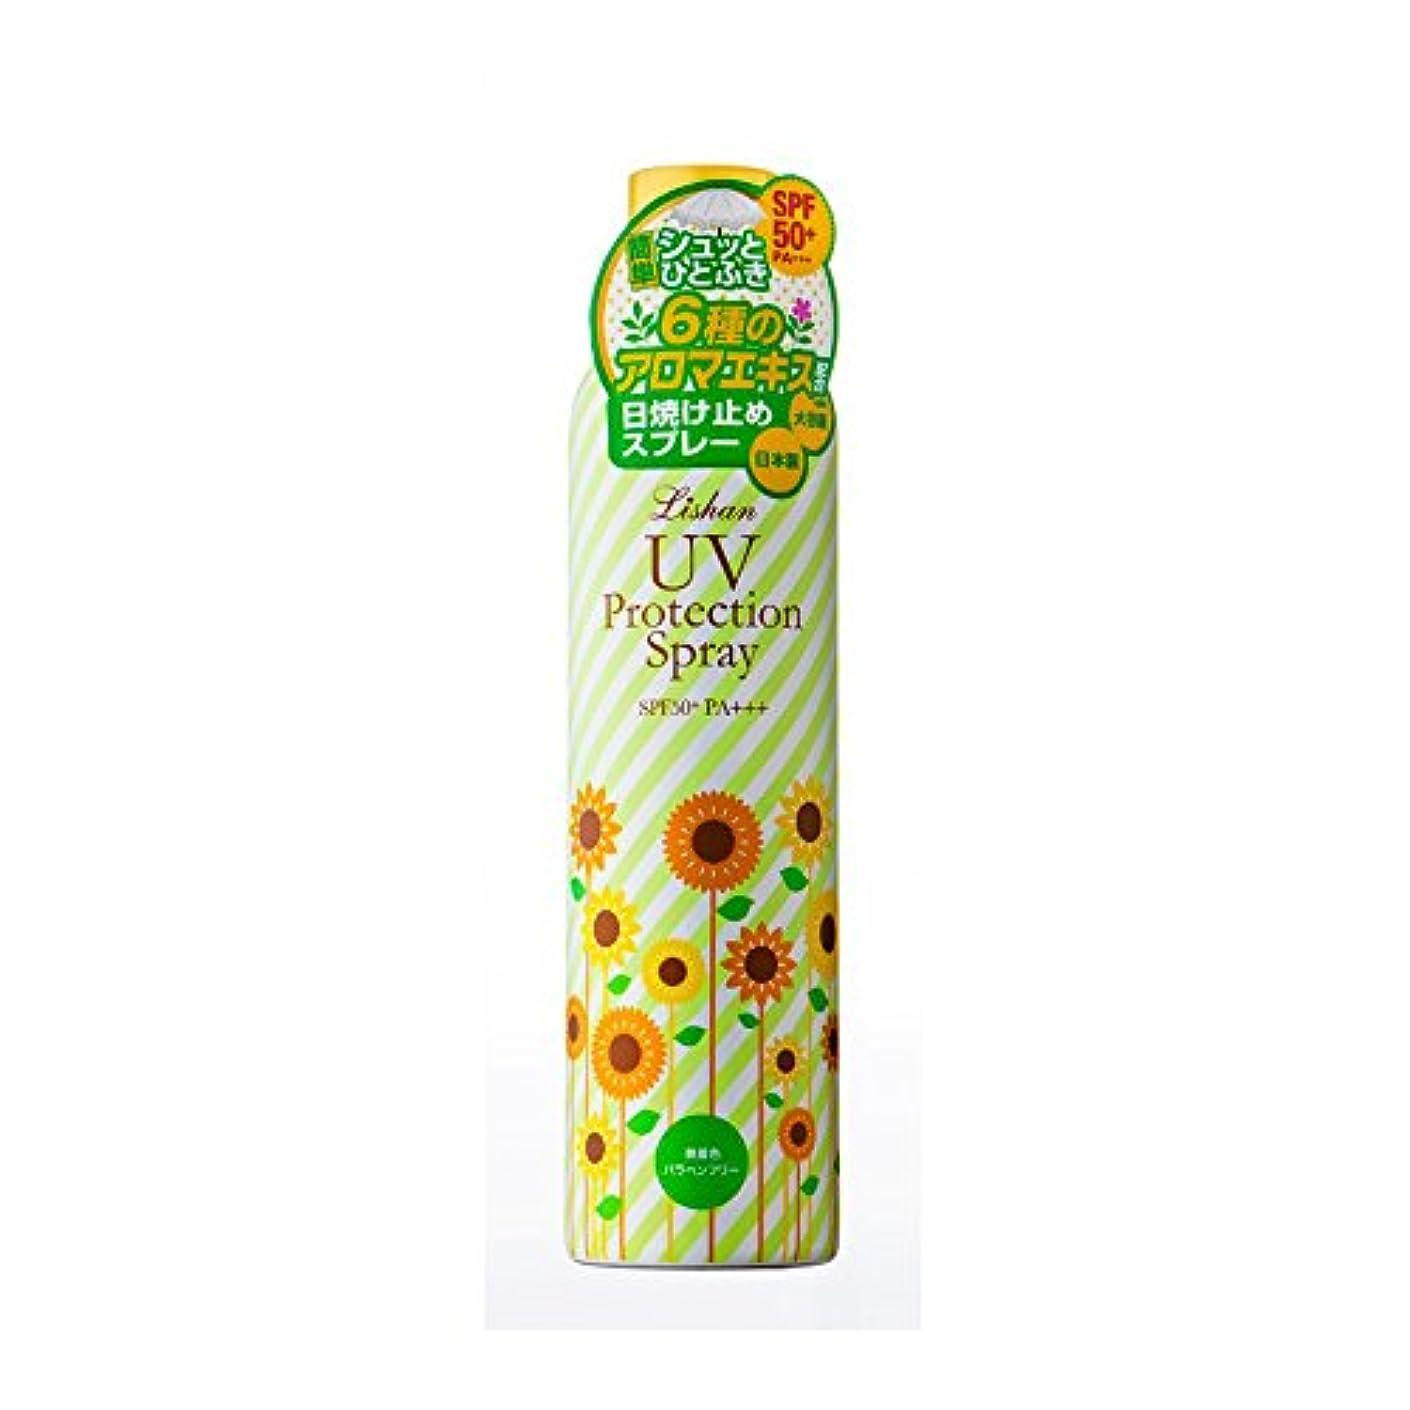 におい気づく返還リシャン 大容量UVスプレー アロマミックスの香り (230g)